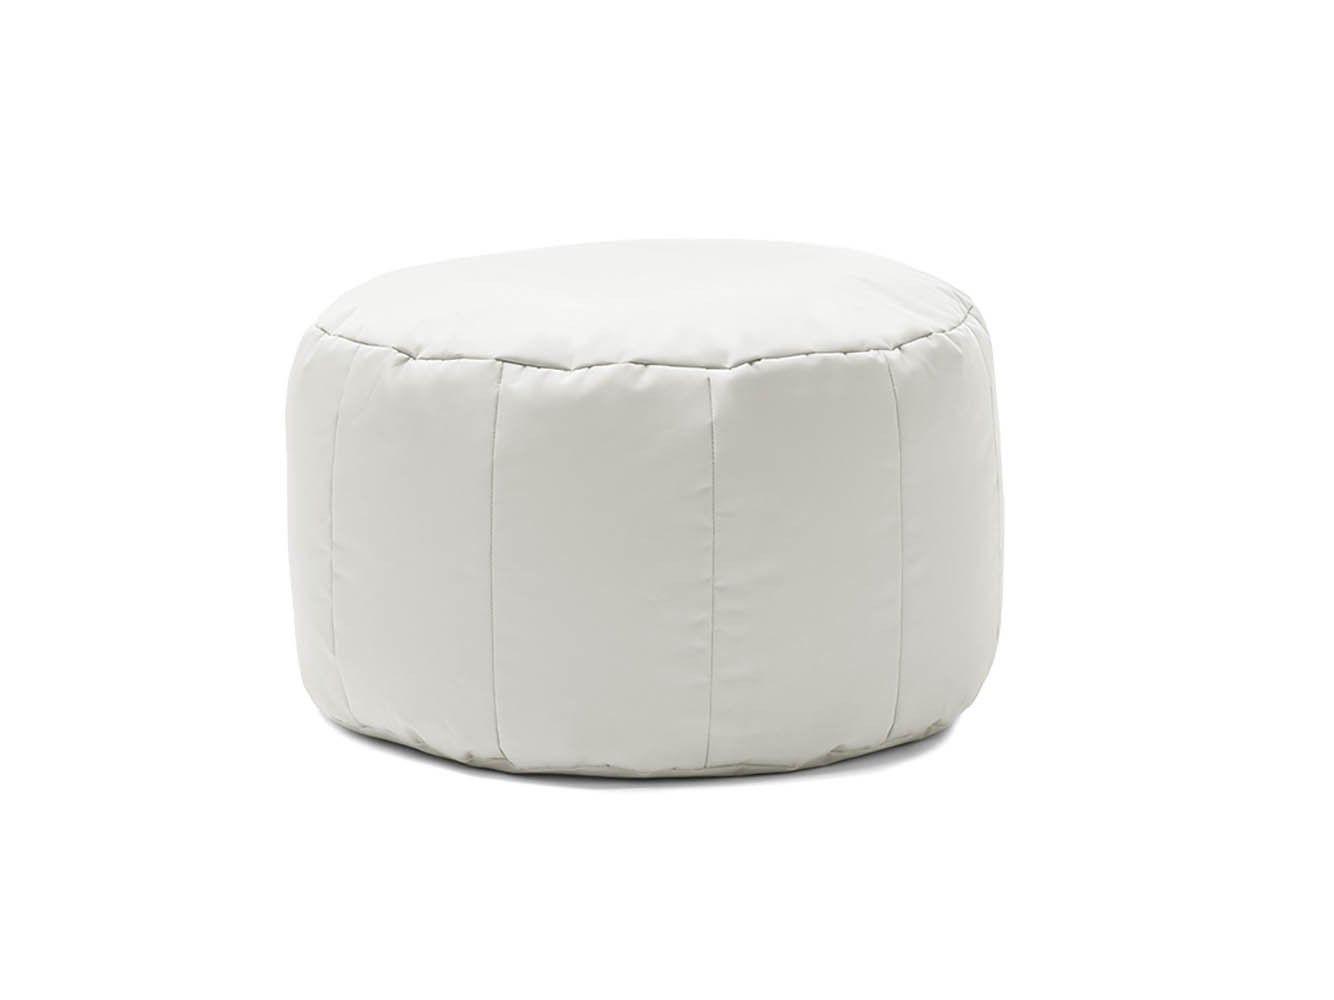 Sitting Bull Sitzsack Shell Hocker Grau | Sitzsack Outdoor | Sitzsack  Wohnzimmer Der Multifunktionale Sitzsack Ist